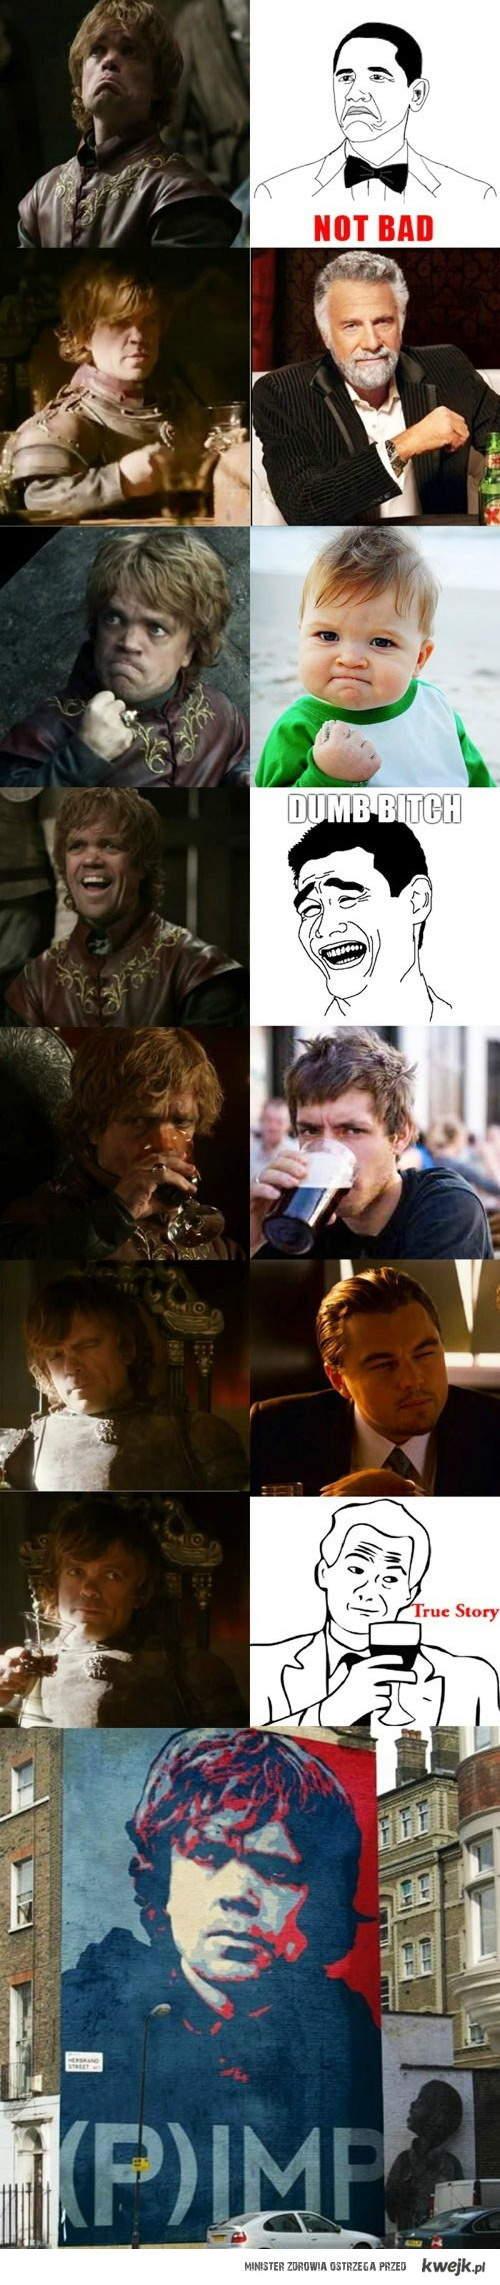 The Meme Faces